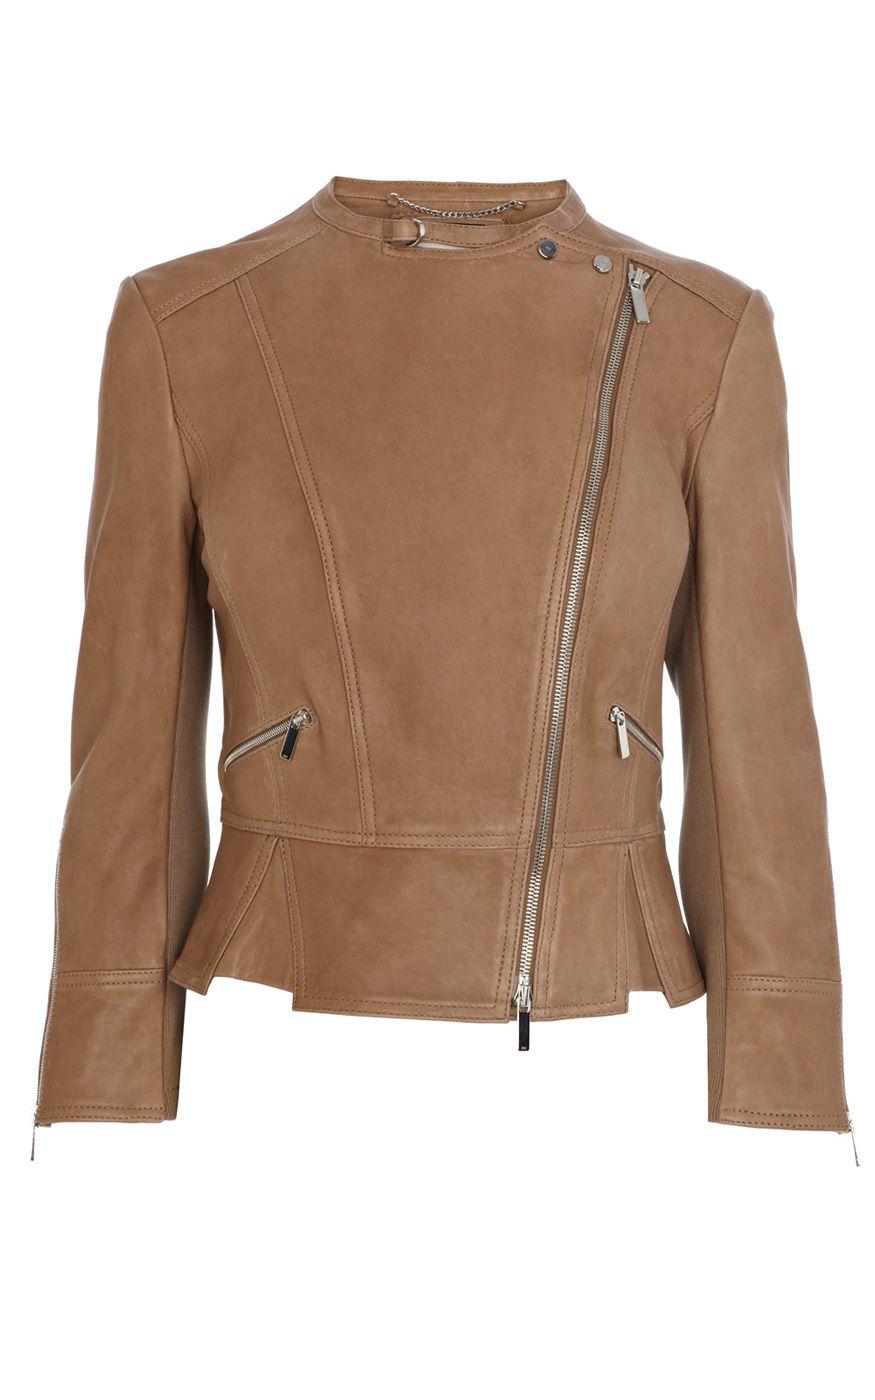 I do want a caramel leather jacket. I like the moto feel ...